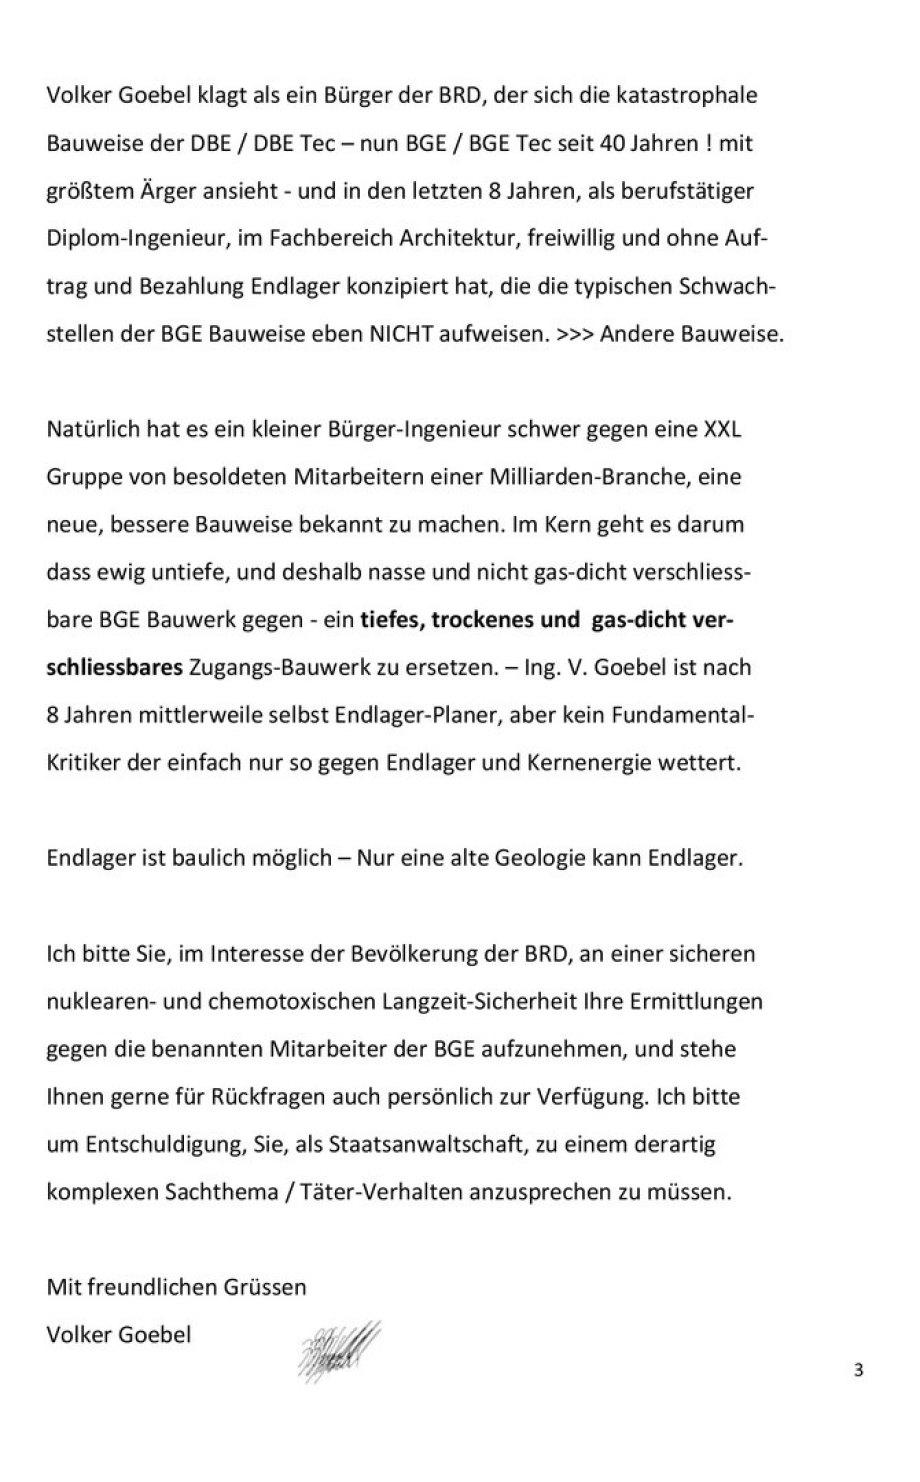 01_A_KORRIGIERT_Strafanzeige-und-Klage-gegen-die-BGE-mbH-z.H_3